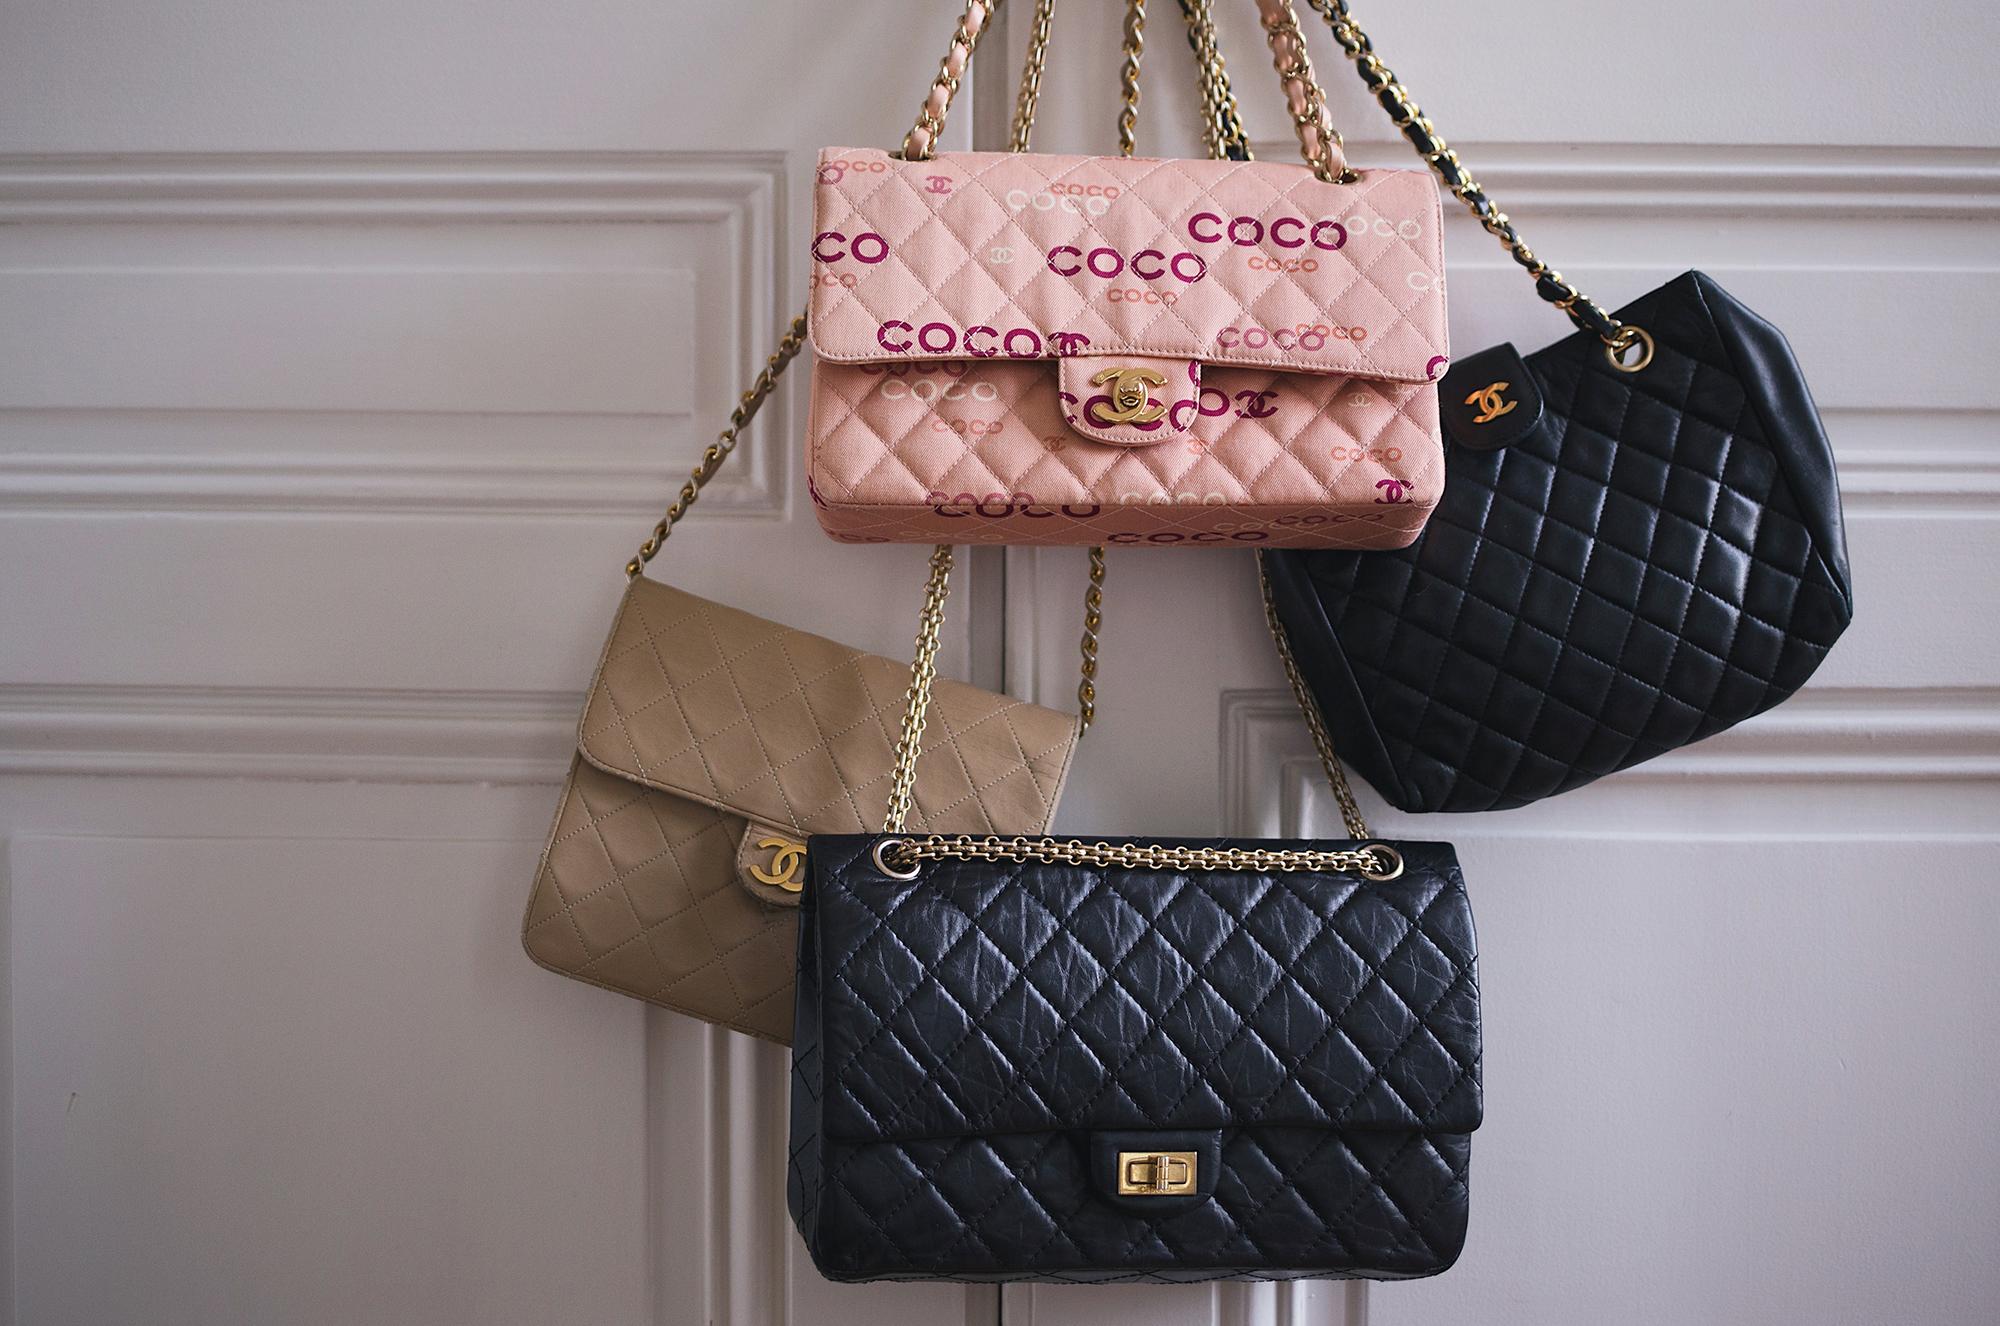 35c14fab9d Investir dans un sac de luxe - Zoé Bassetto - blog mode - beauté ...